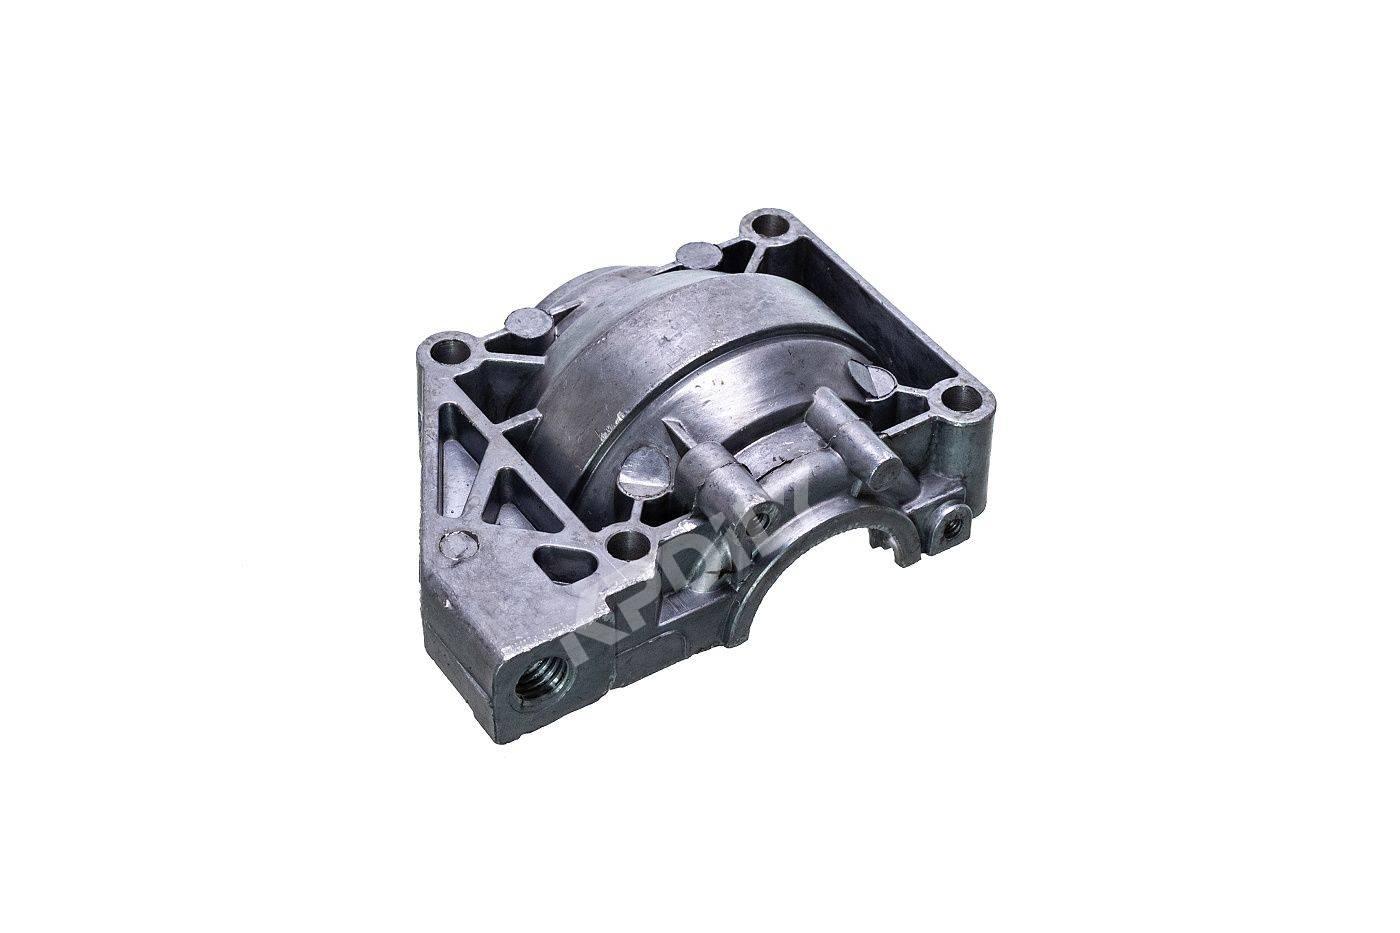 Spodní kryt motoru Stihl MS290 MS310 MS390 029 039 (1127 021 2500)